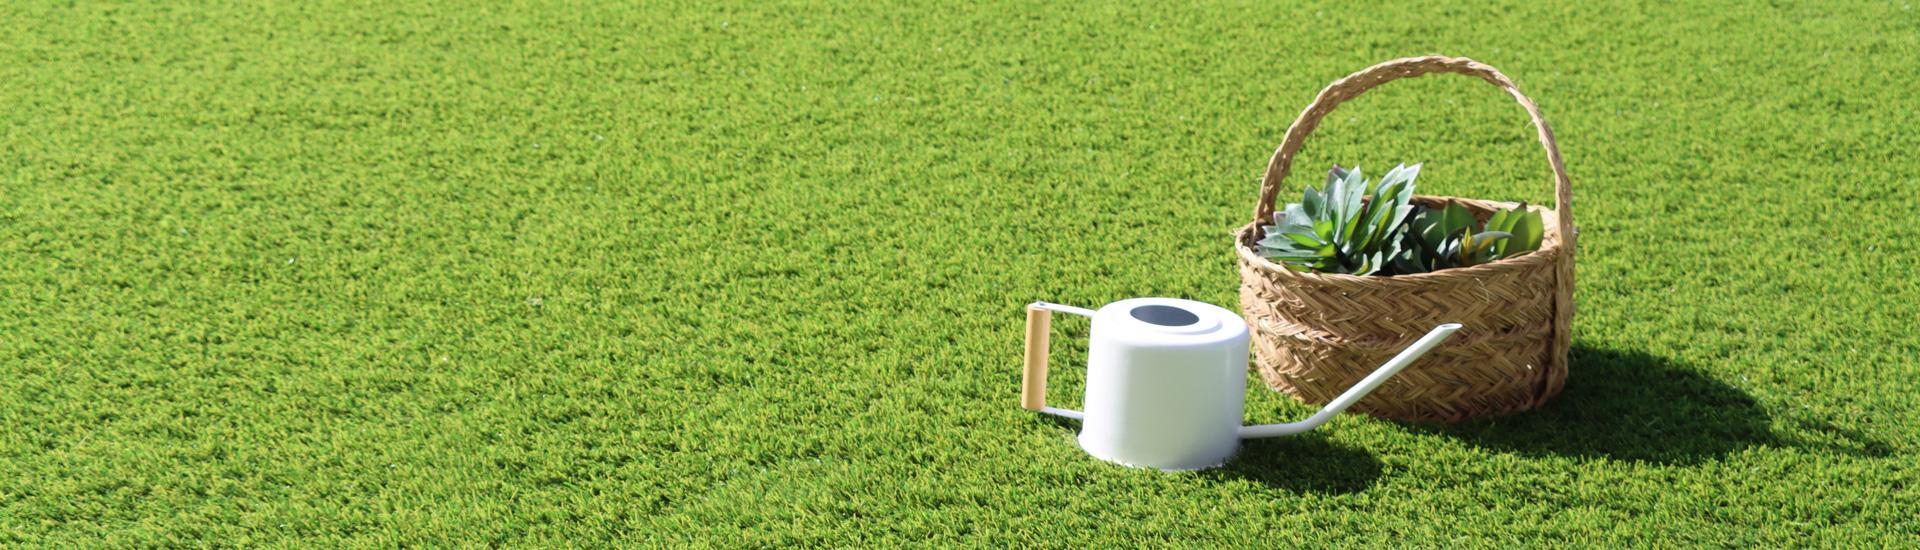 Artificial turf for garden